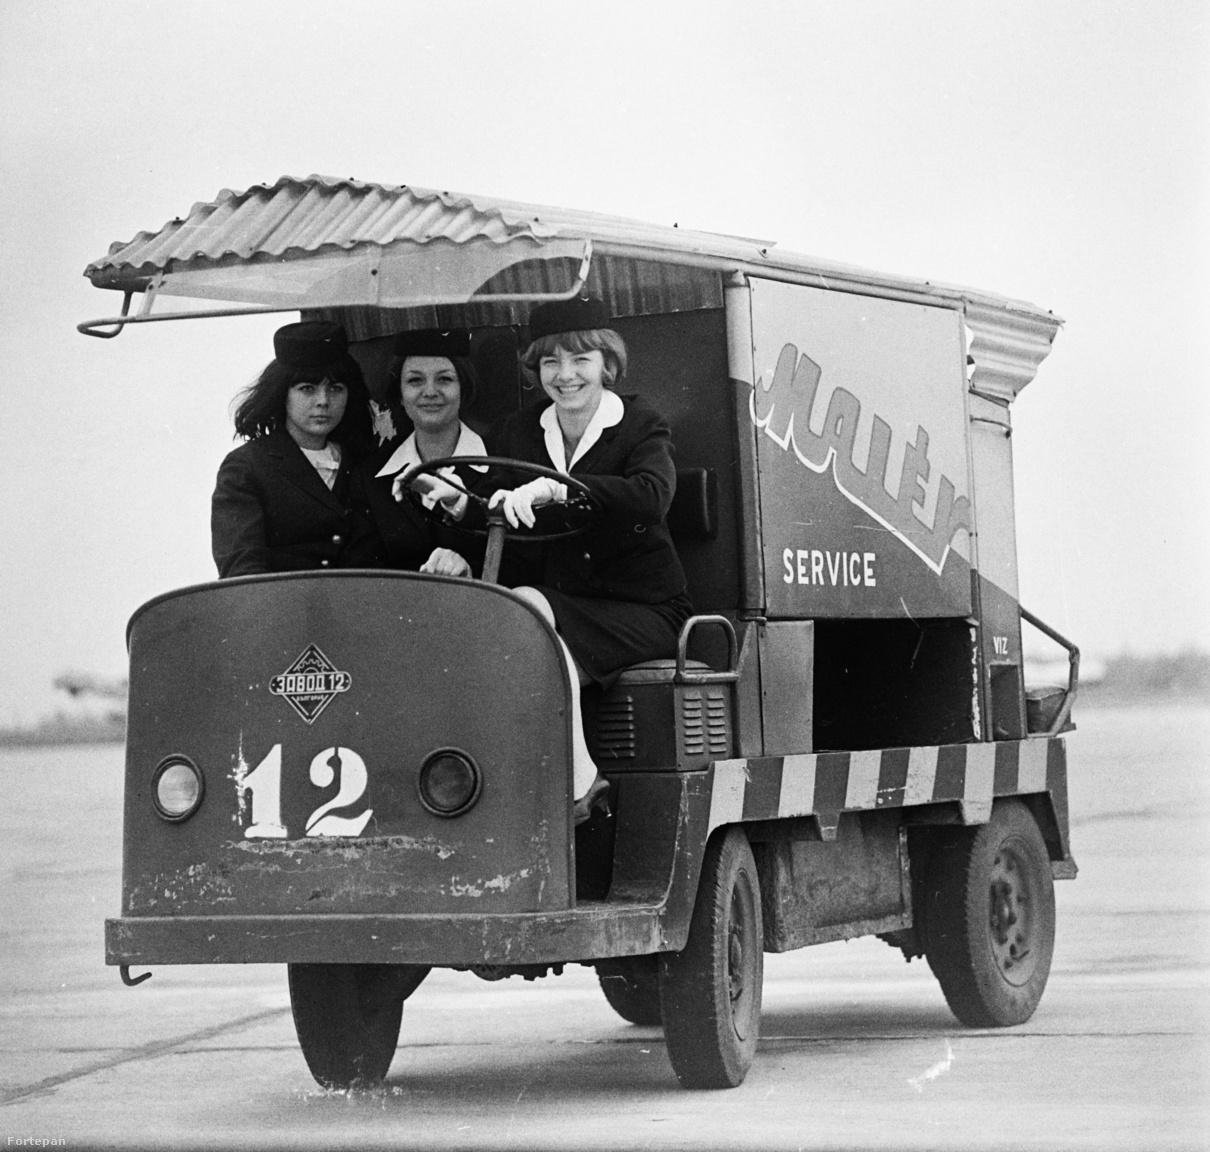 Amikor vidám az élet a reptéren: a Malév három légikísérője pózol az légiközlekedési vállalat egyik Zavod-12 típusú elektromos szervizkocsijával (1966).